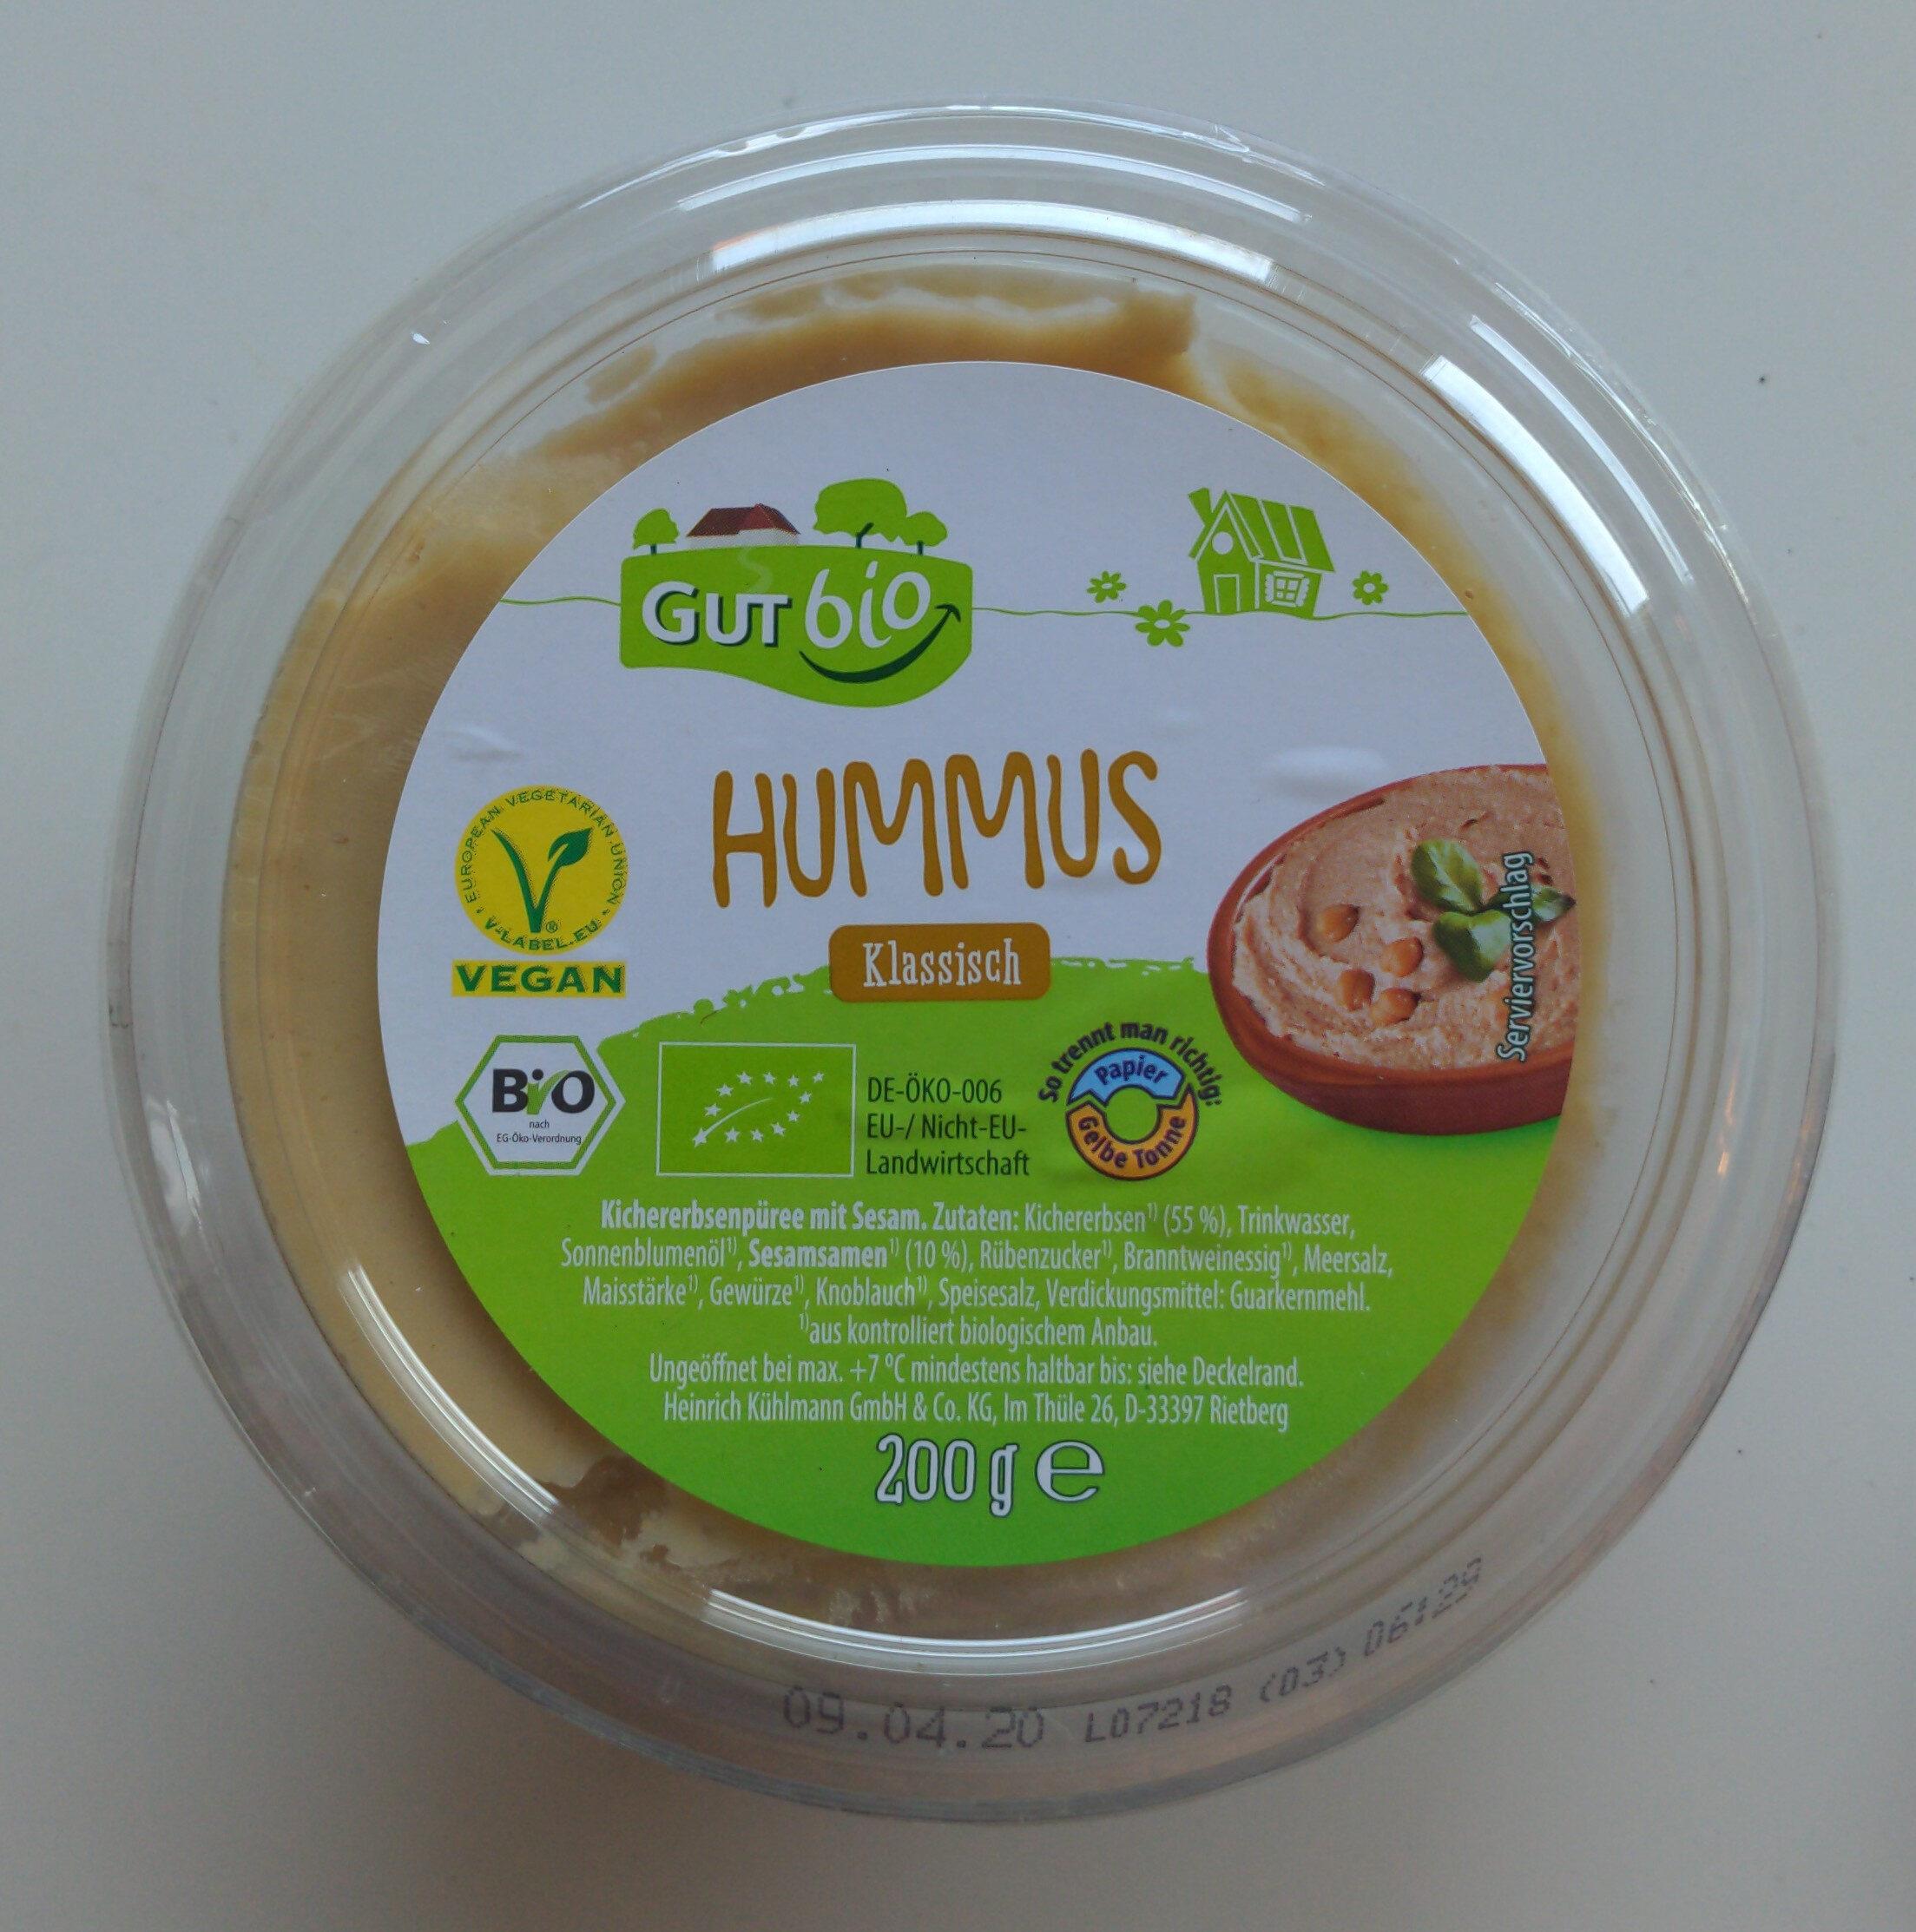 Hummus Klassisch - Product - de